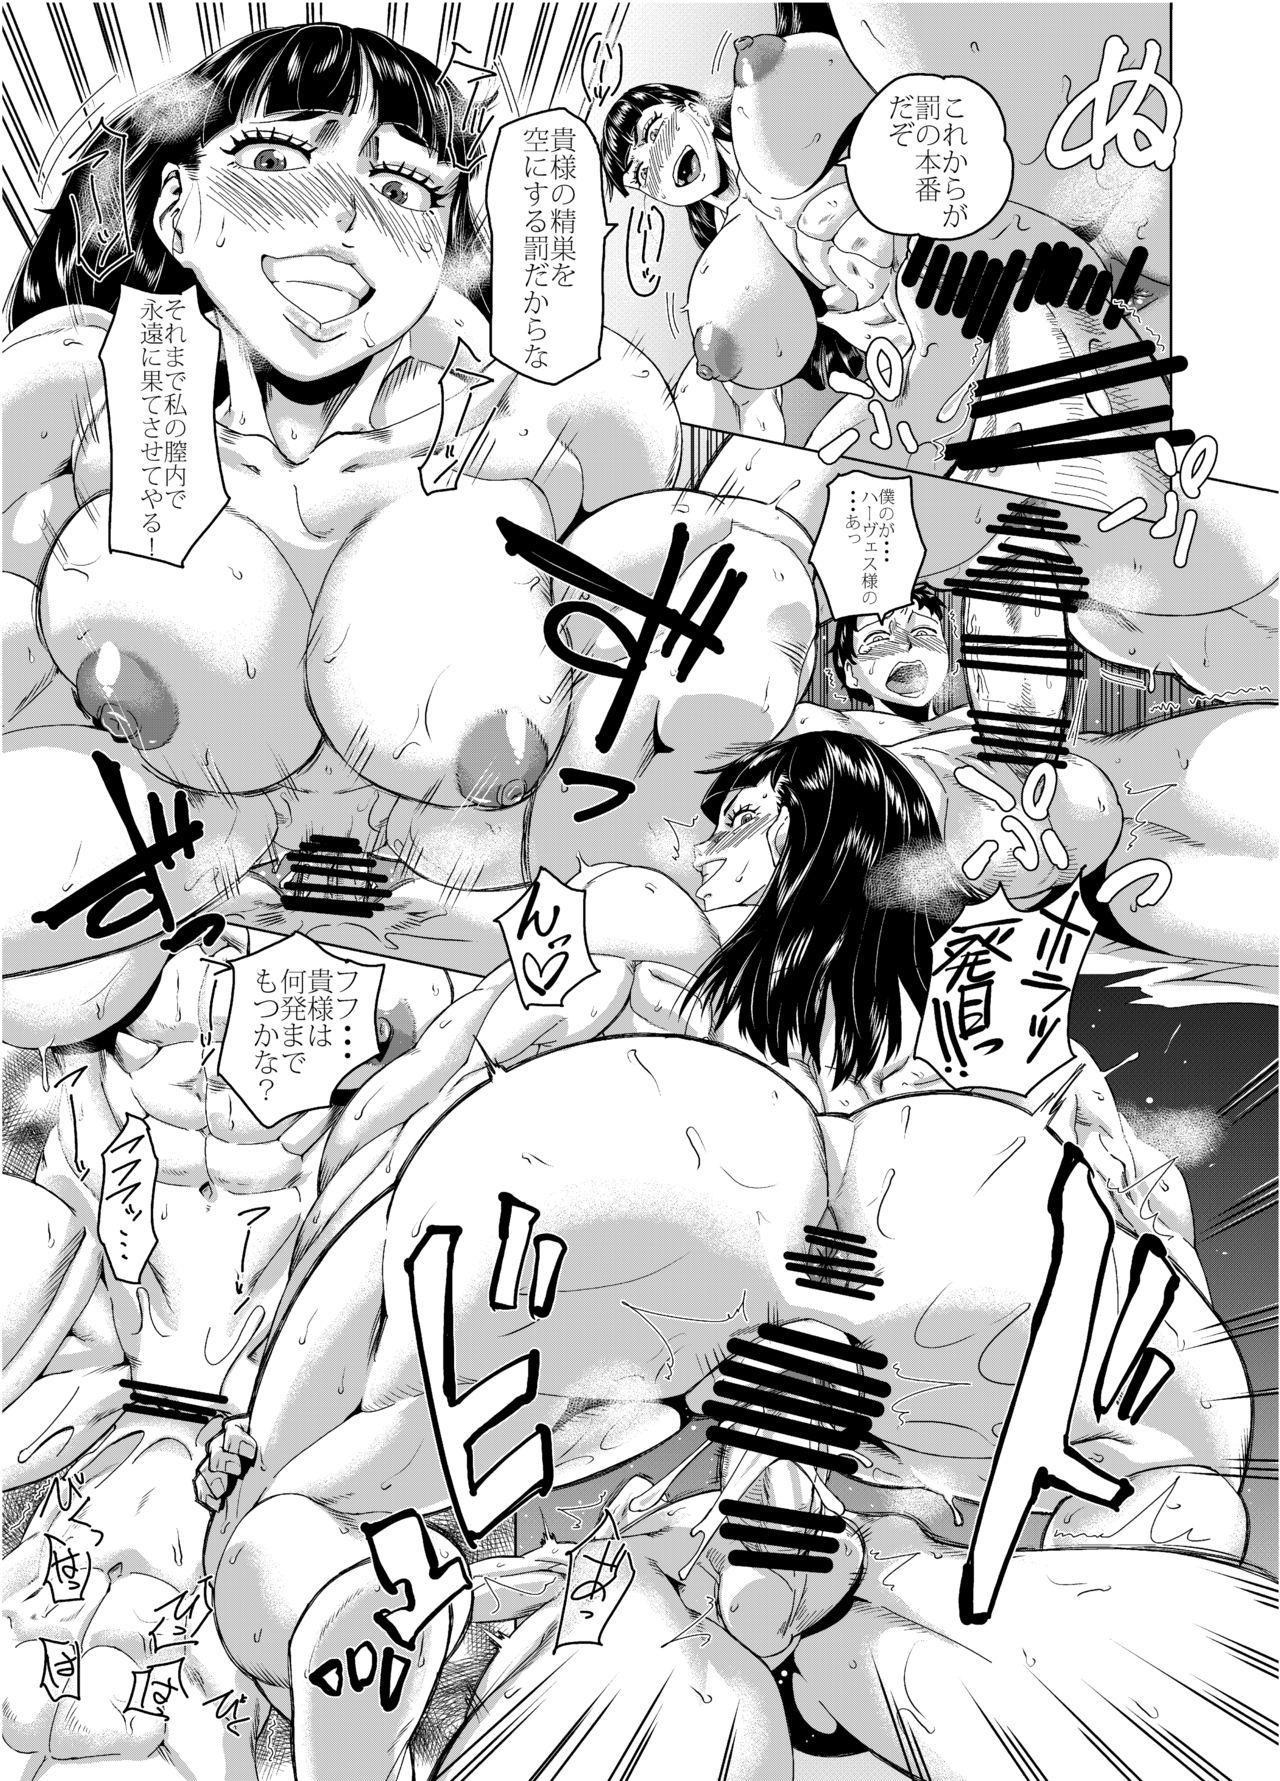 Mahou Kinniku Shoujo Six Pack 58